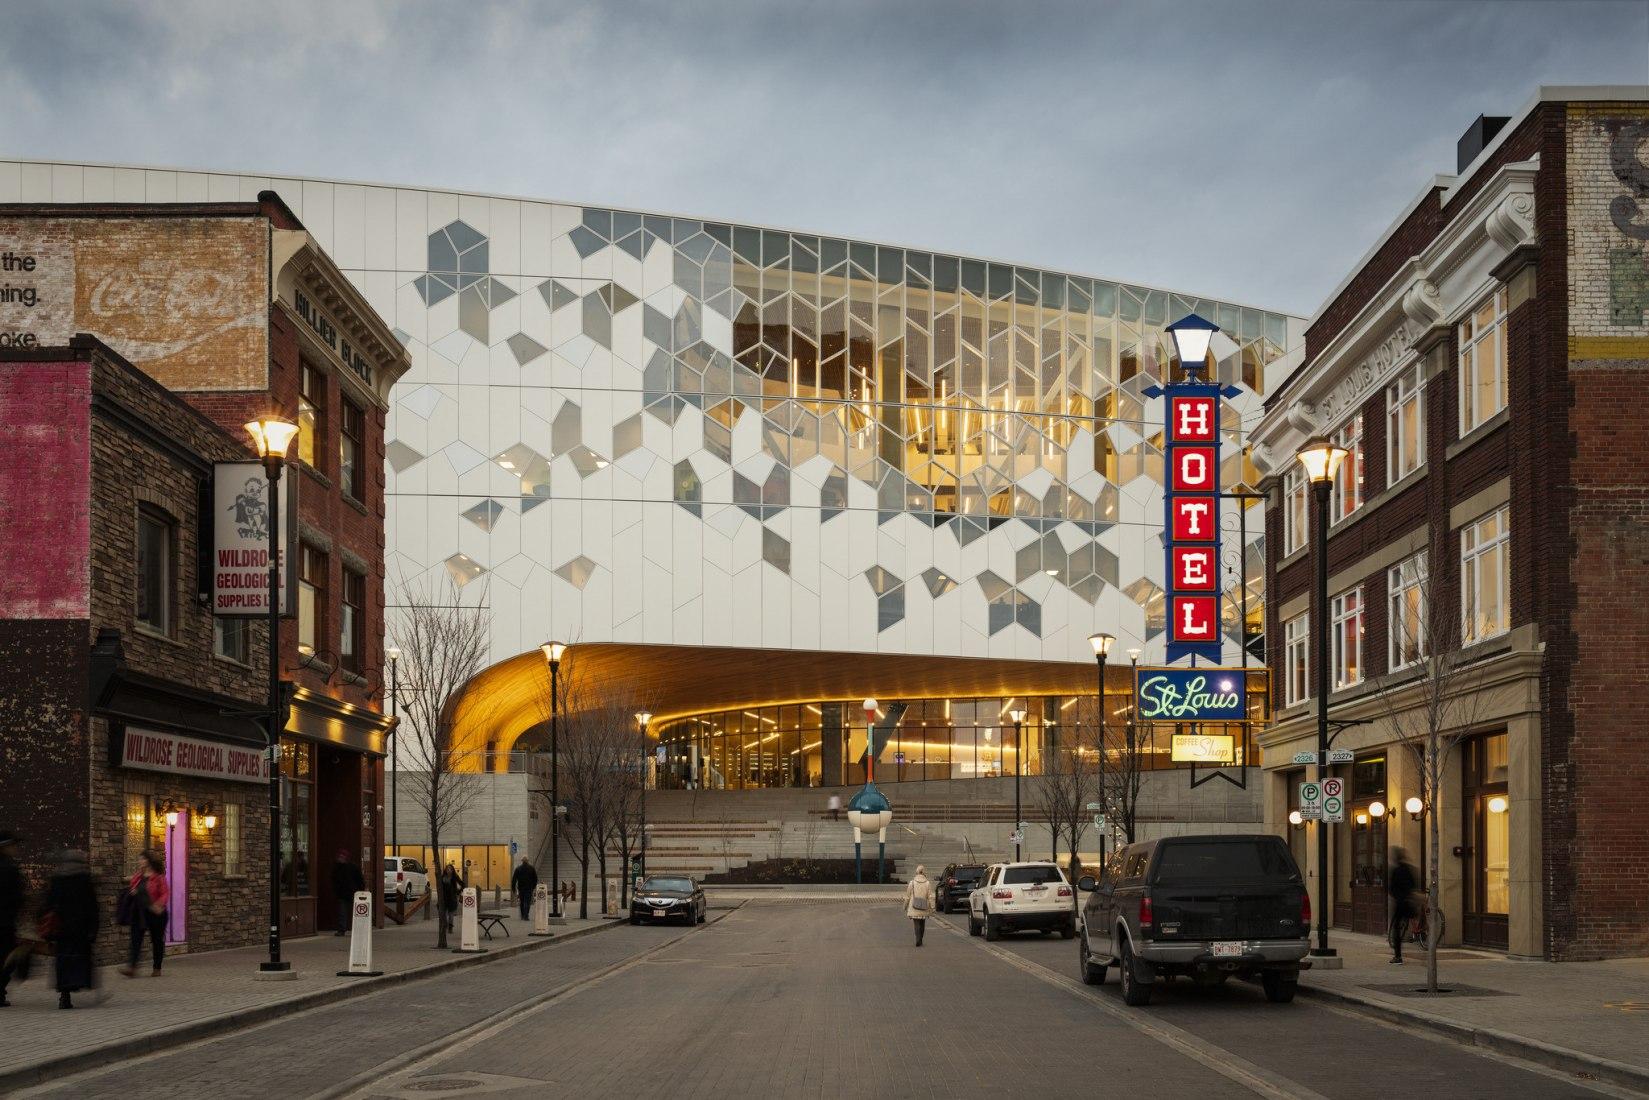 Nueva Biblioteca Central de Calgary de Snøhetta + DIALOG. Fotografía por Michael Grimm